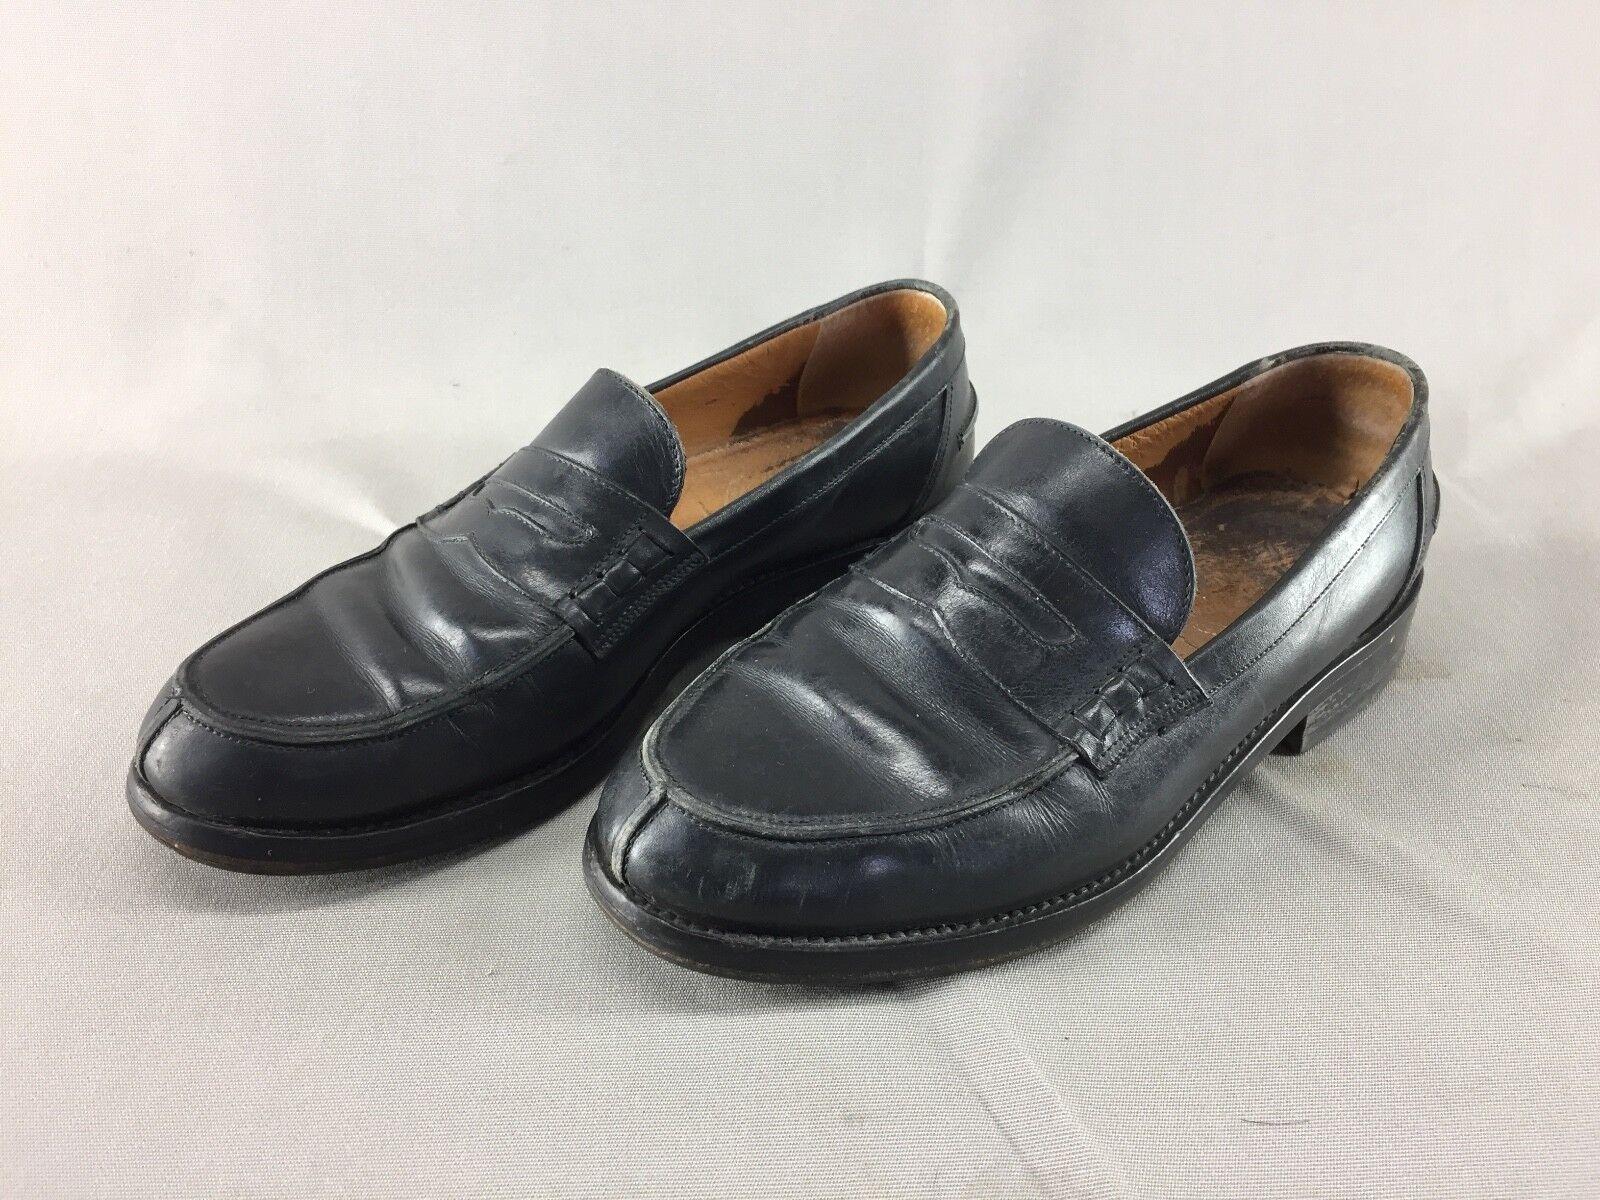 shoes de ville mocassins cuir artisanal ITALIE  black t 40 CEC vintage SAC G